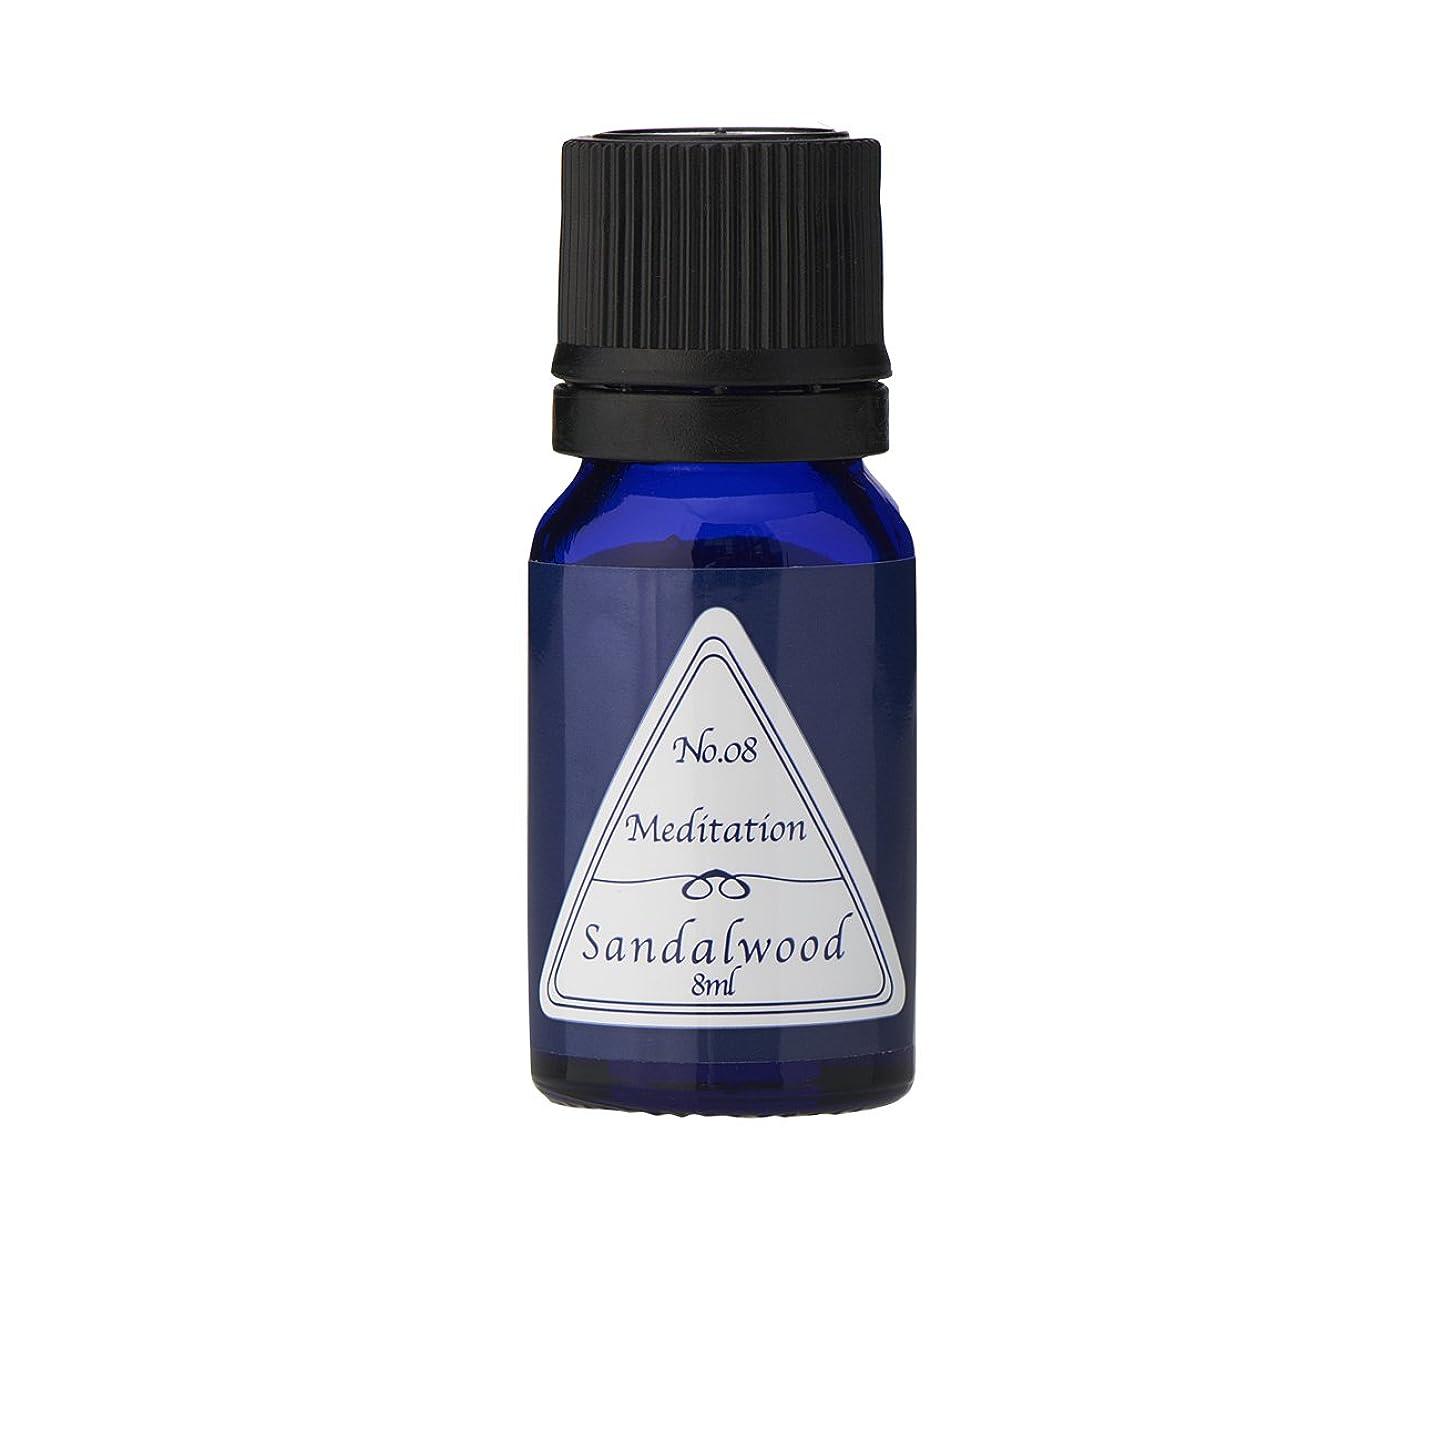 タクトスイング回想ブルーラベル アロマエッセンス8ml サンダルウッド(アロマオイル 調合香料 芳香用)